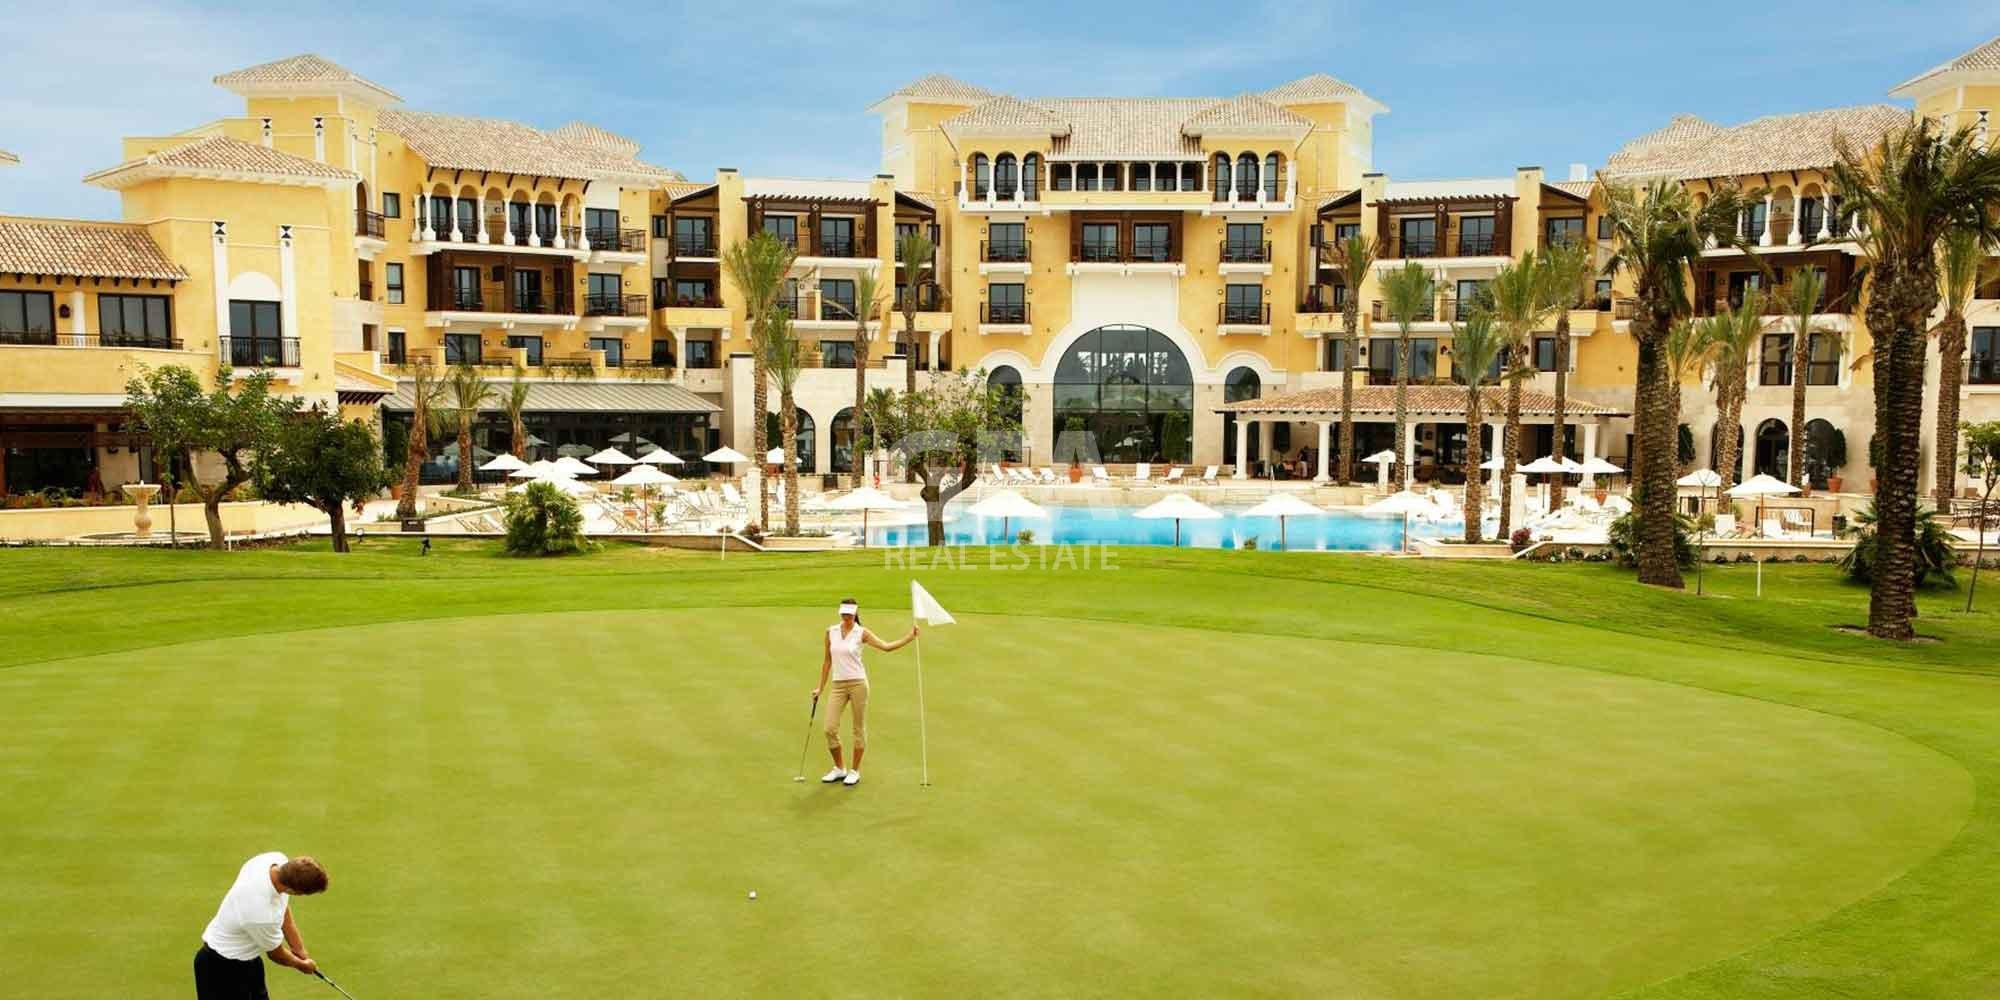 Residencial obra nueva Mar Menor Golf Resort campo golf acceso restaurantes